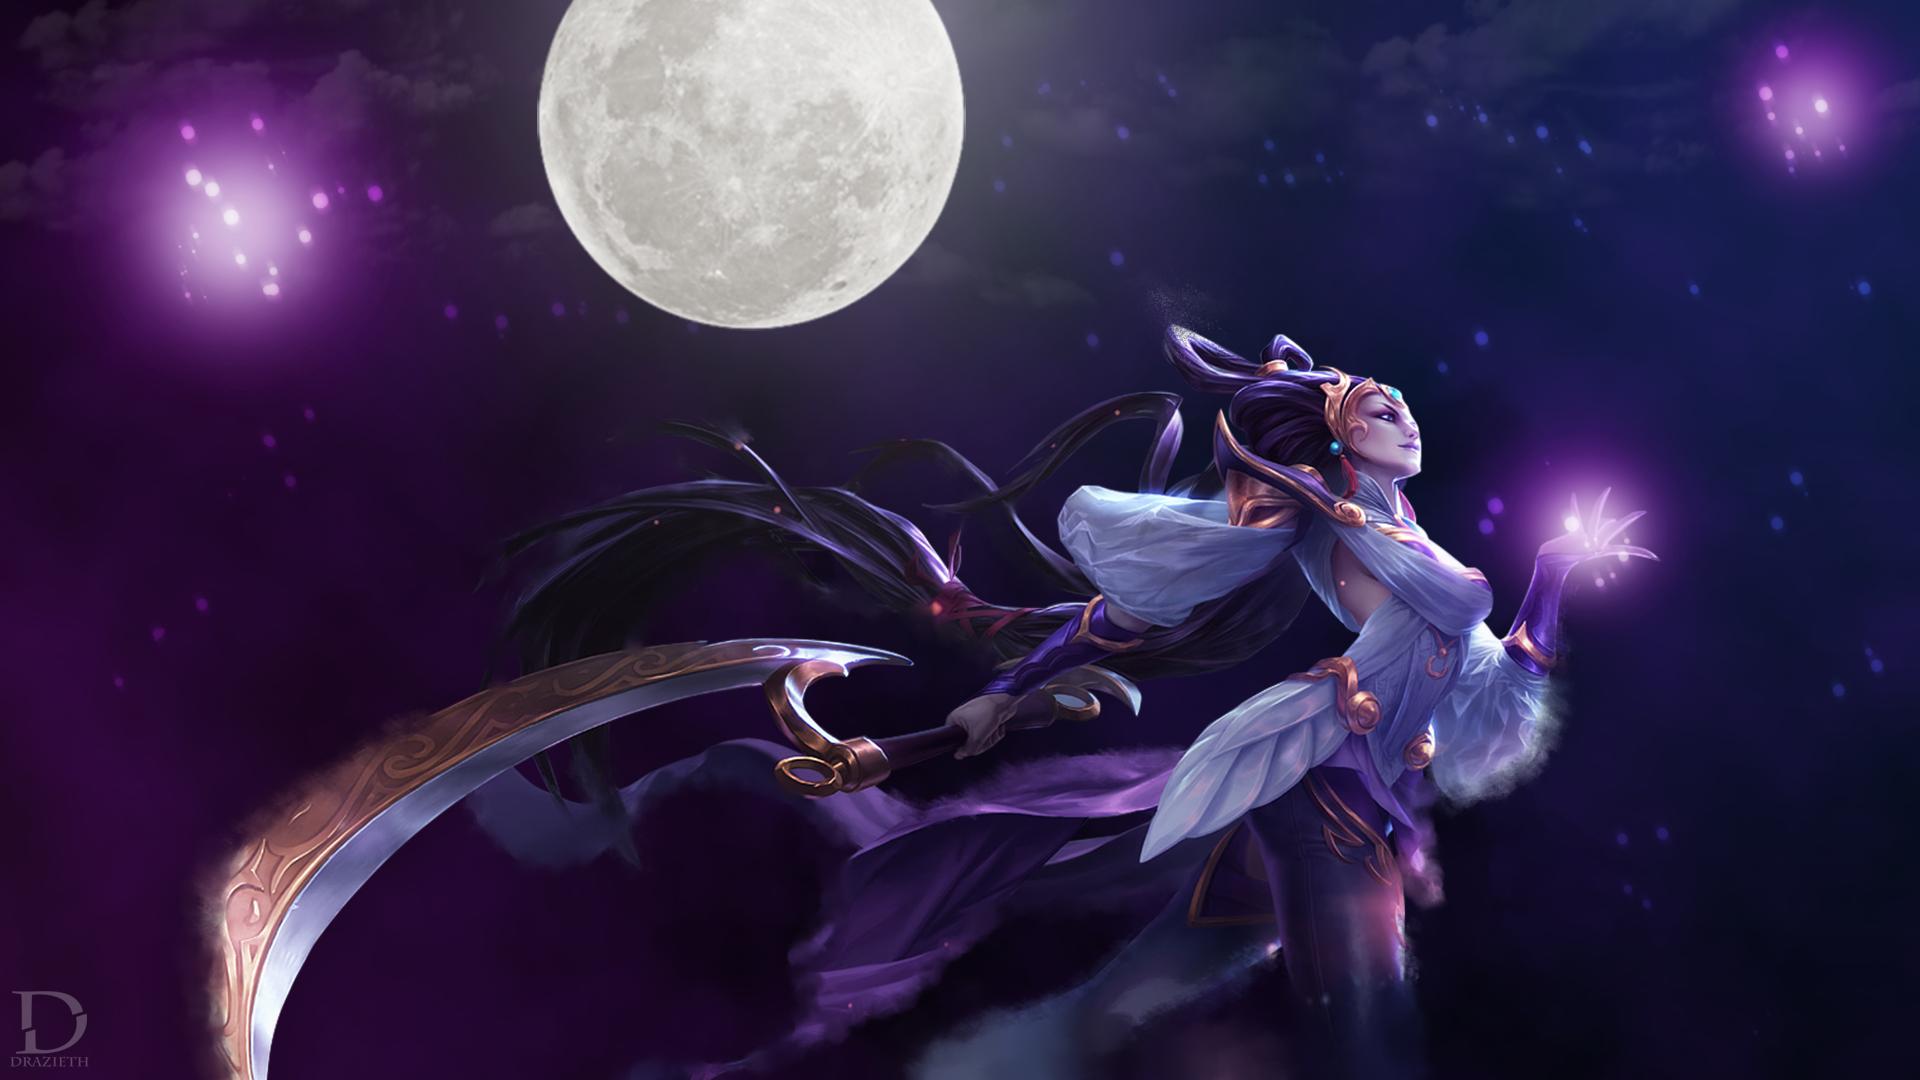 Lunar Goddess Diana League Of Legends Wallpaper By Drazieth On